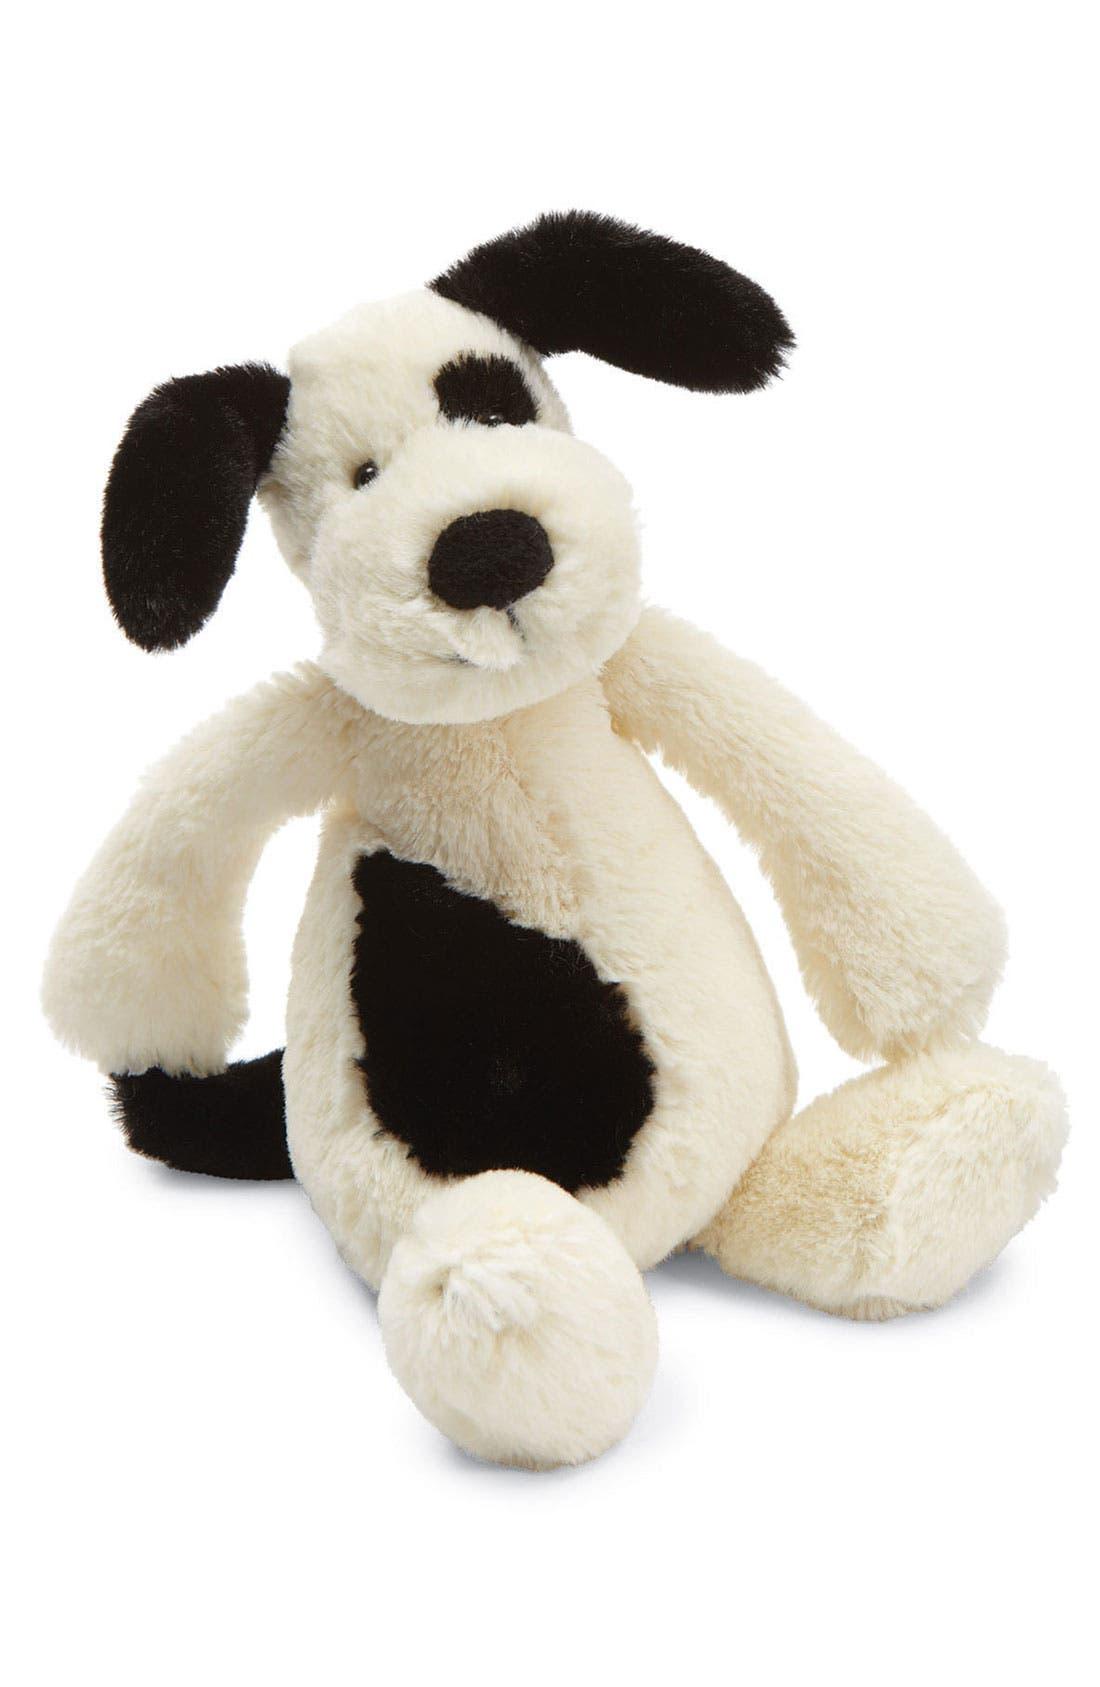 Main Image - Jellycat 'Bashful' Puppy Rattle